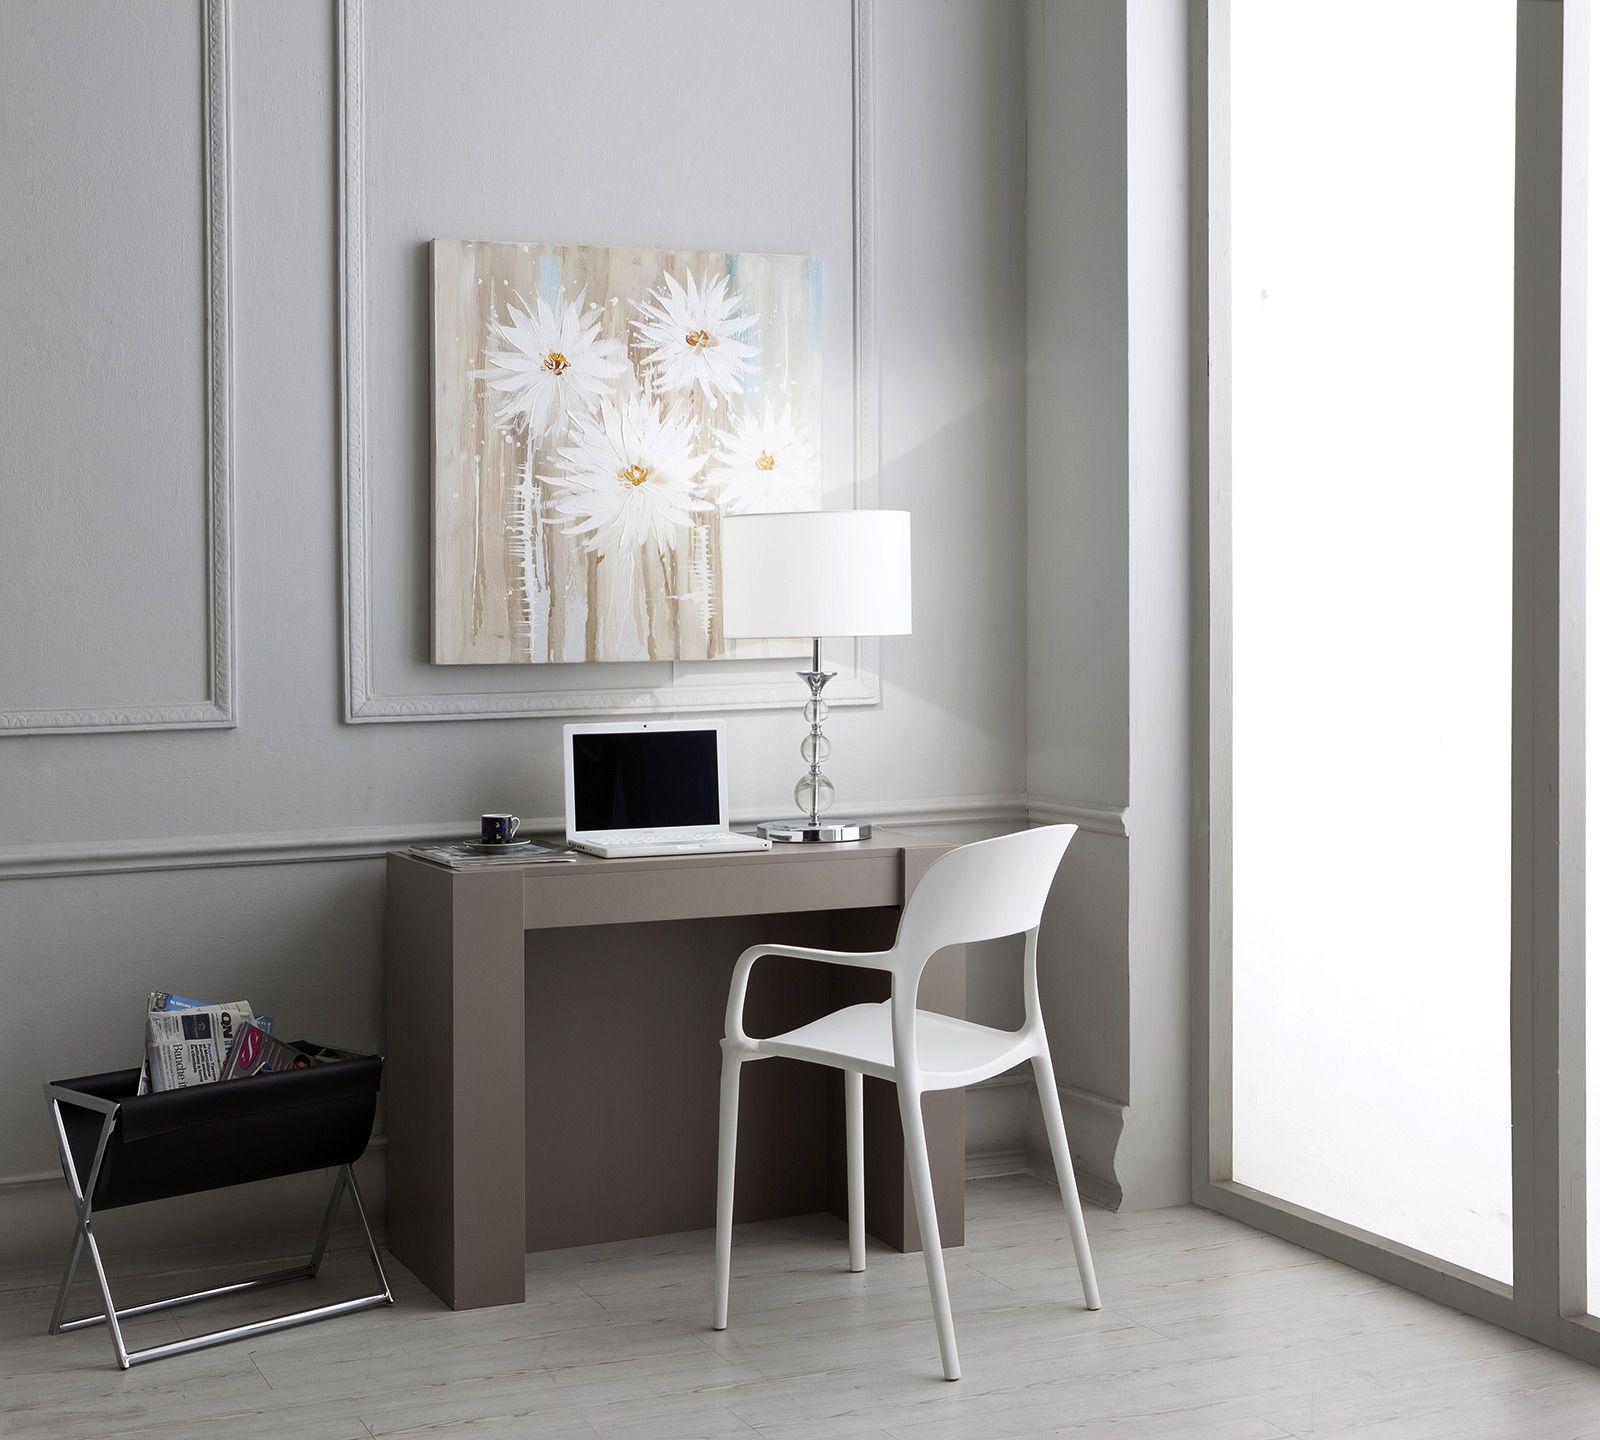 Tavolo Allungabile 4 Metri.Tavolo Consolle Allungabile Adam Tortora Home Decor Furniture